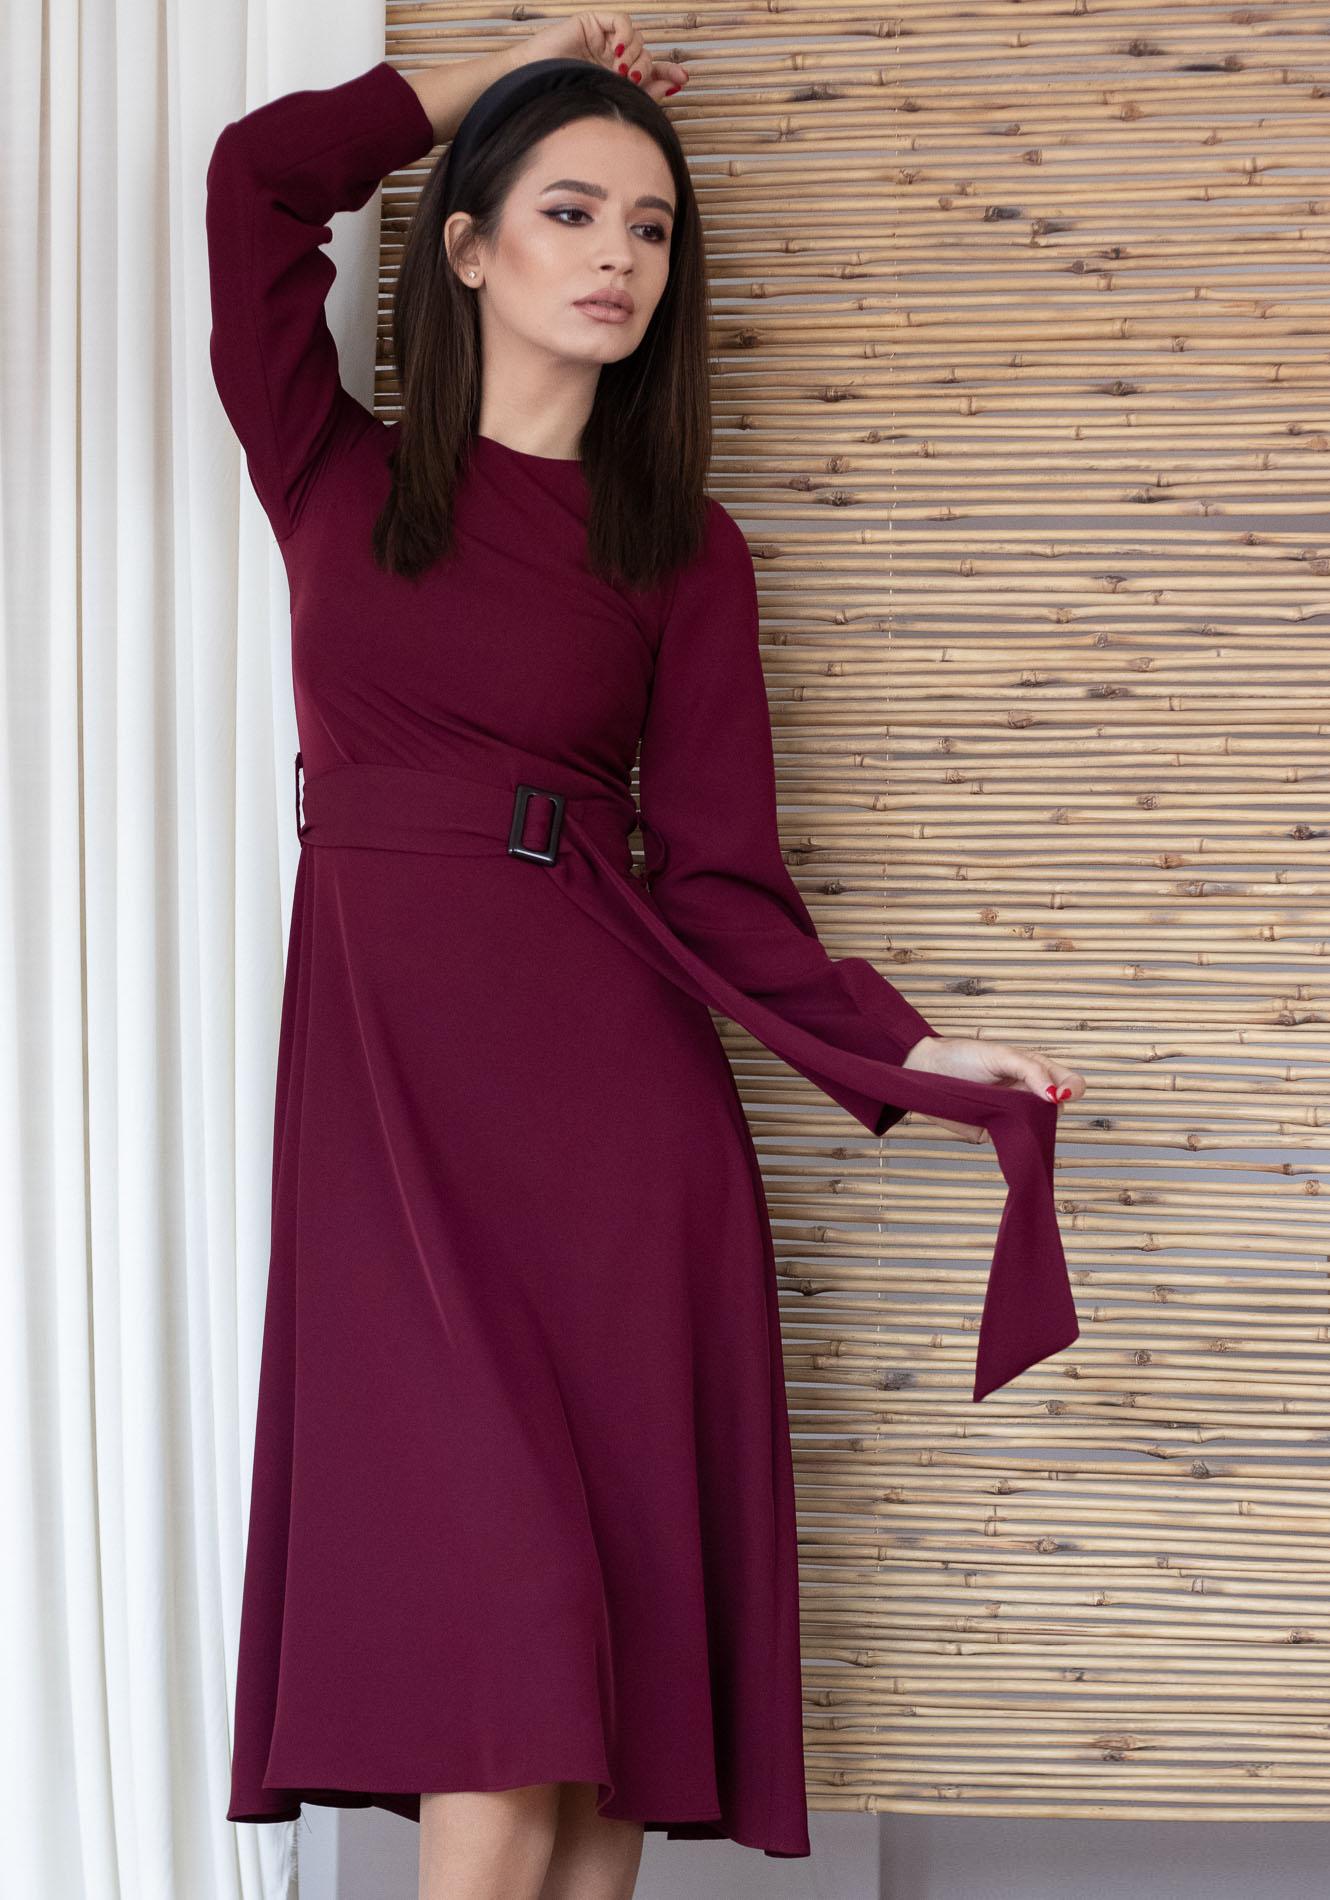 Rochie cu fusta evazata Bordo